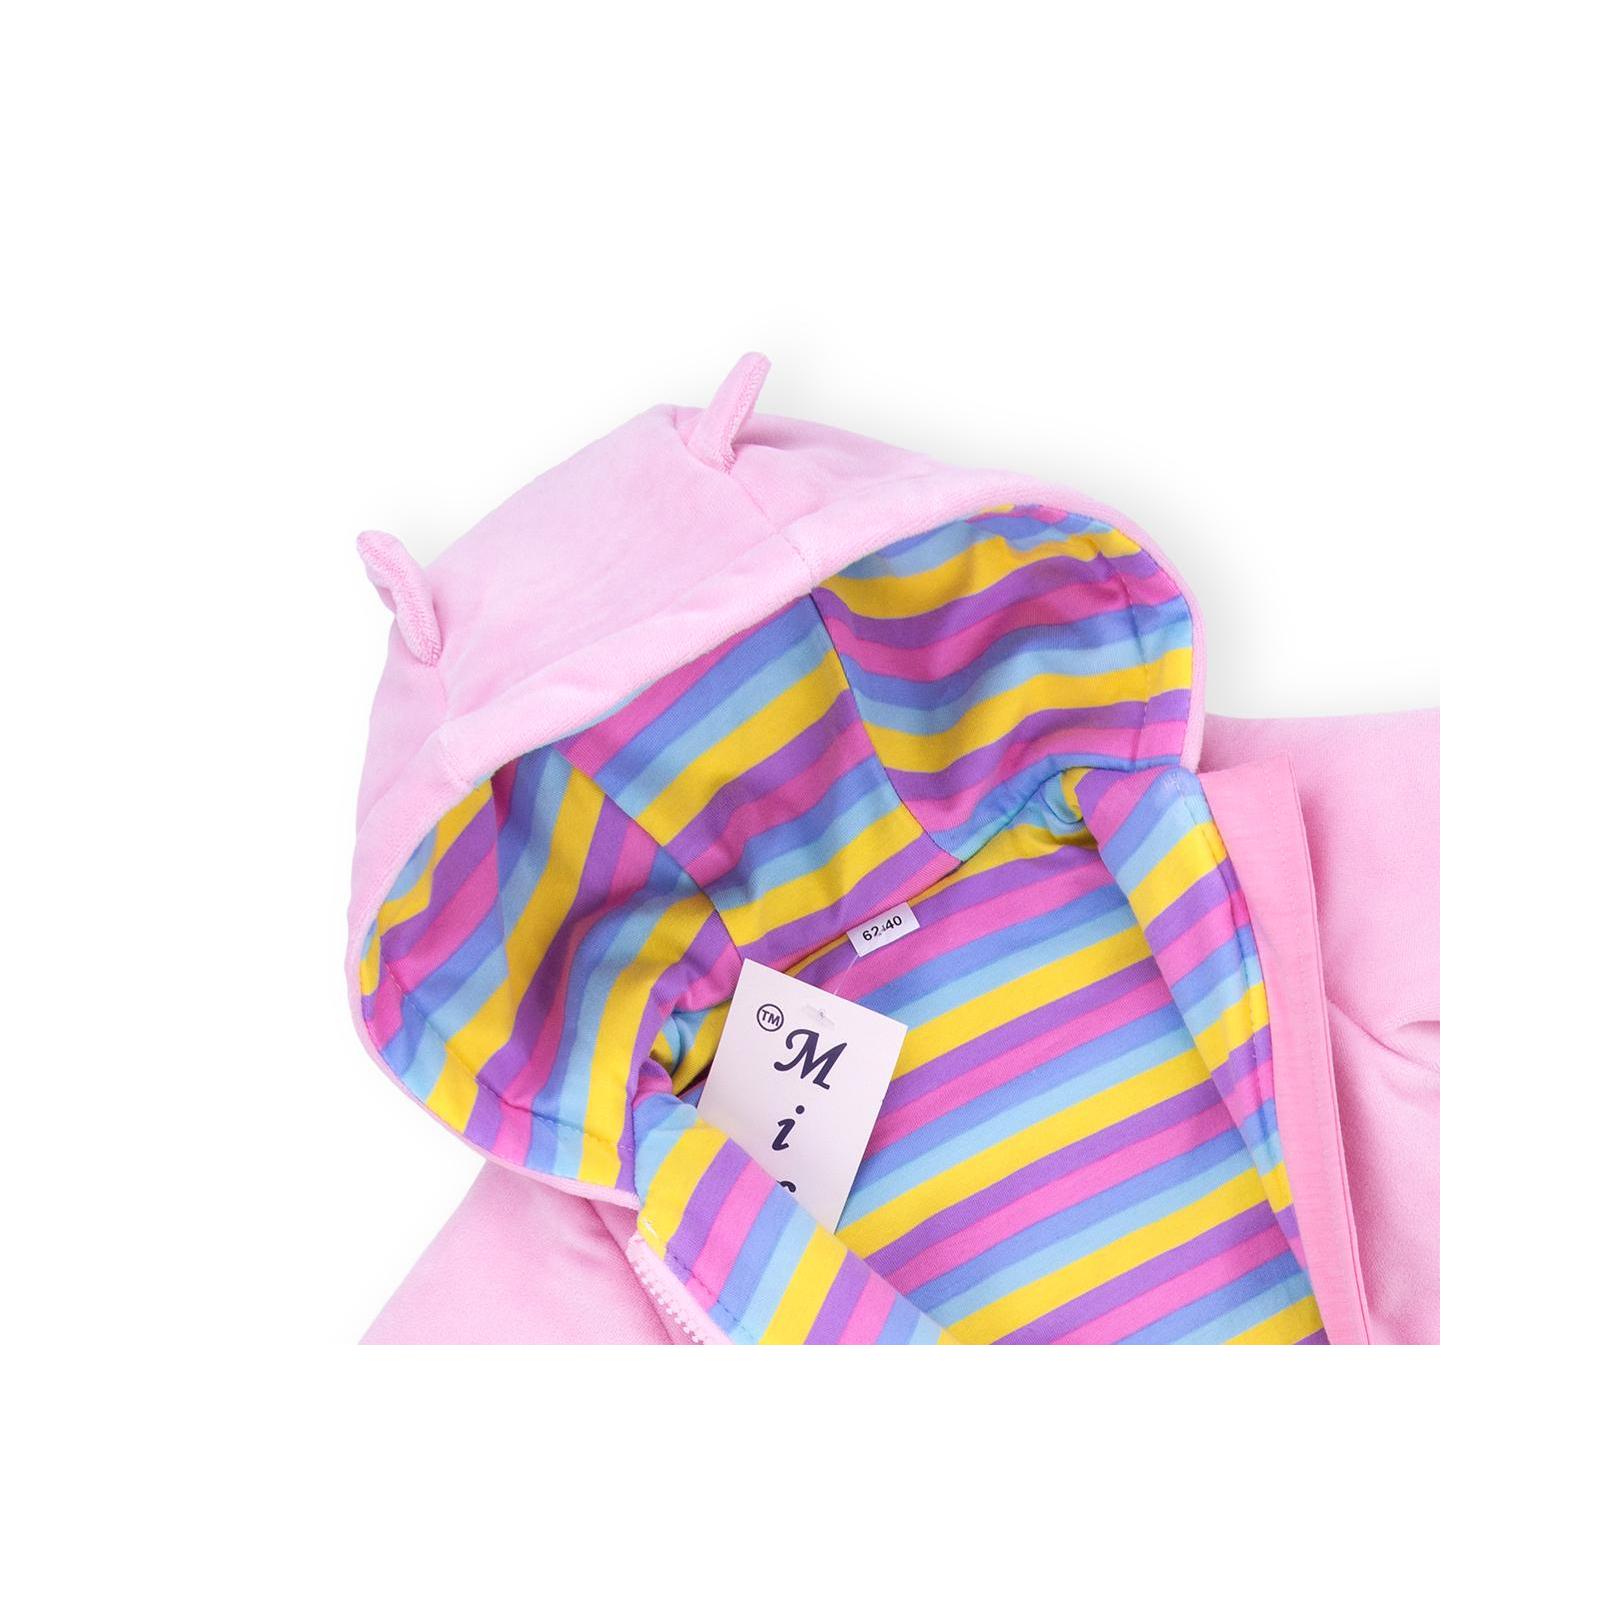 """Человечек Интеркидс """"Cool cat"""" (910-74G-pink) изображение 3"""